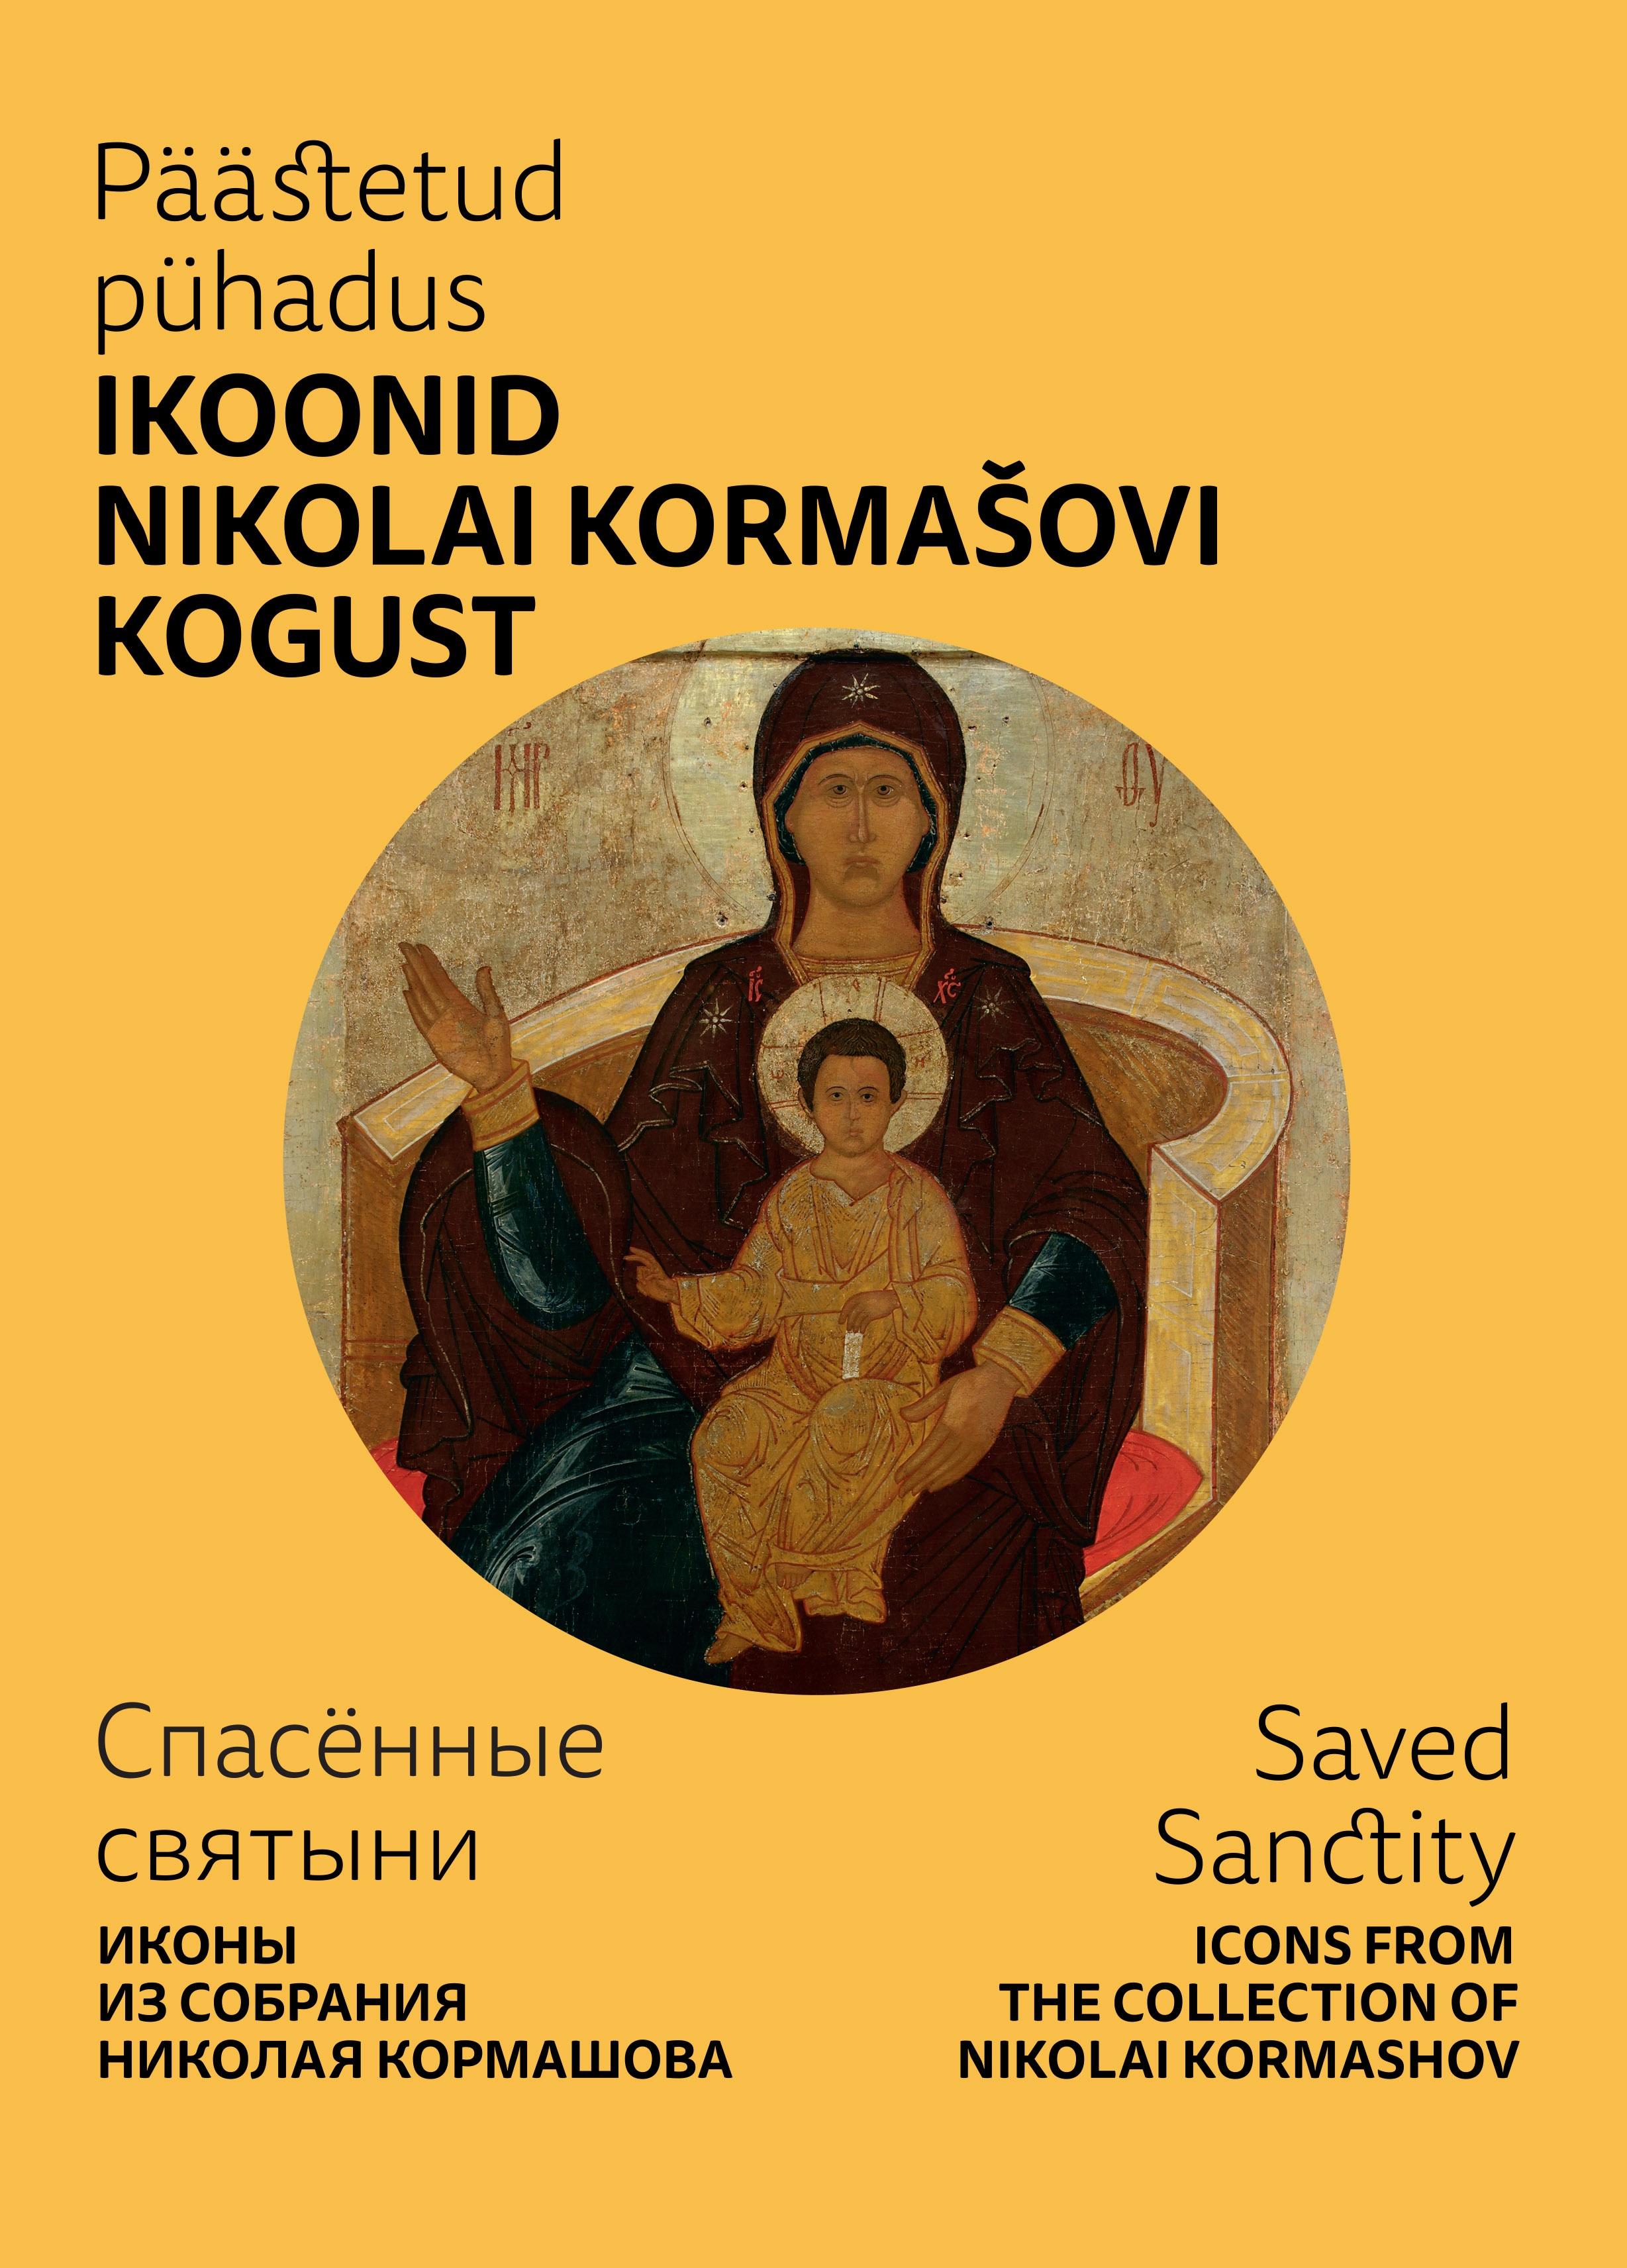 Päästetud pühadus. ikoonid nikolai kormašovi kogust